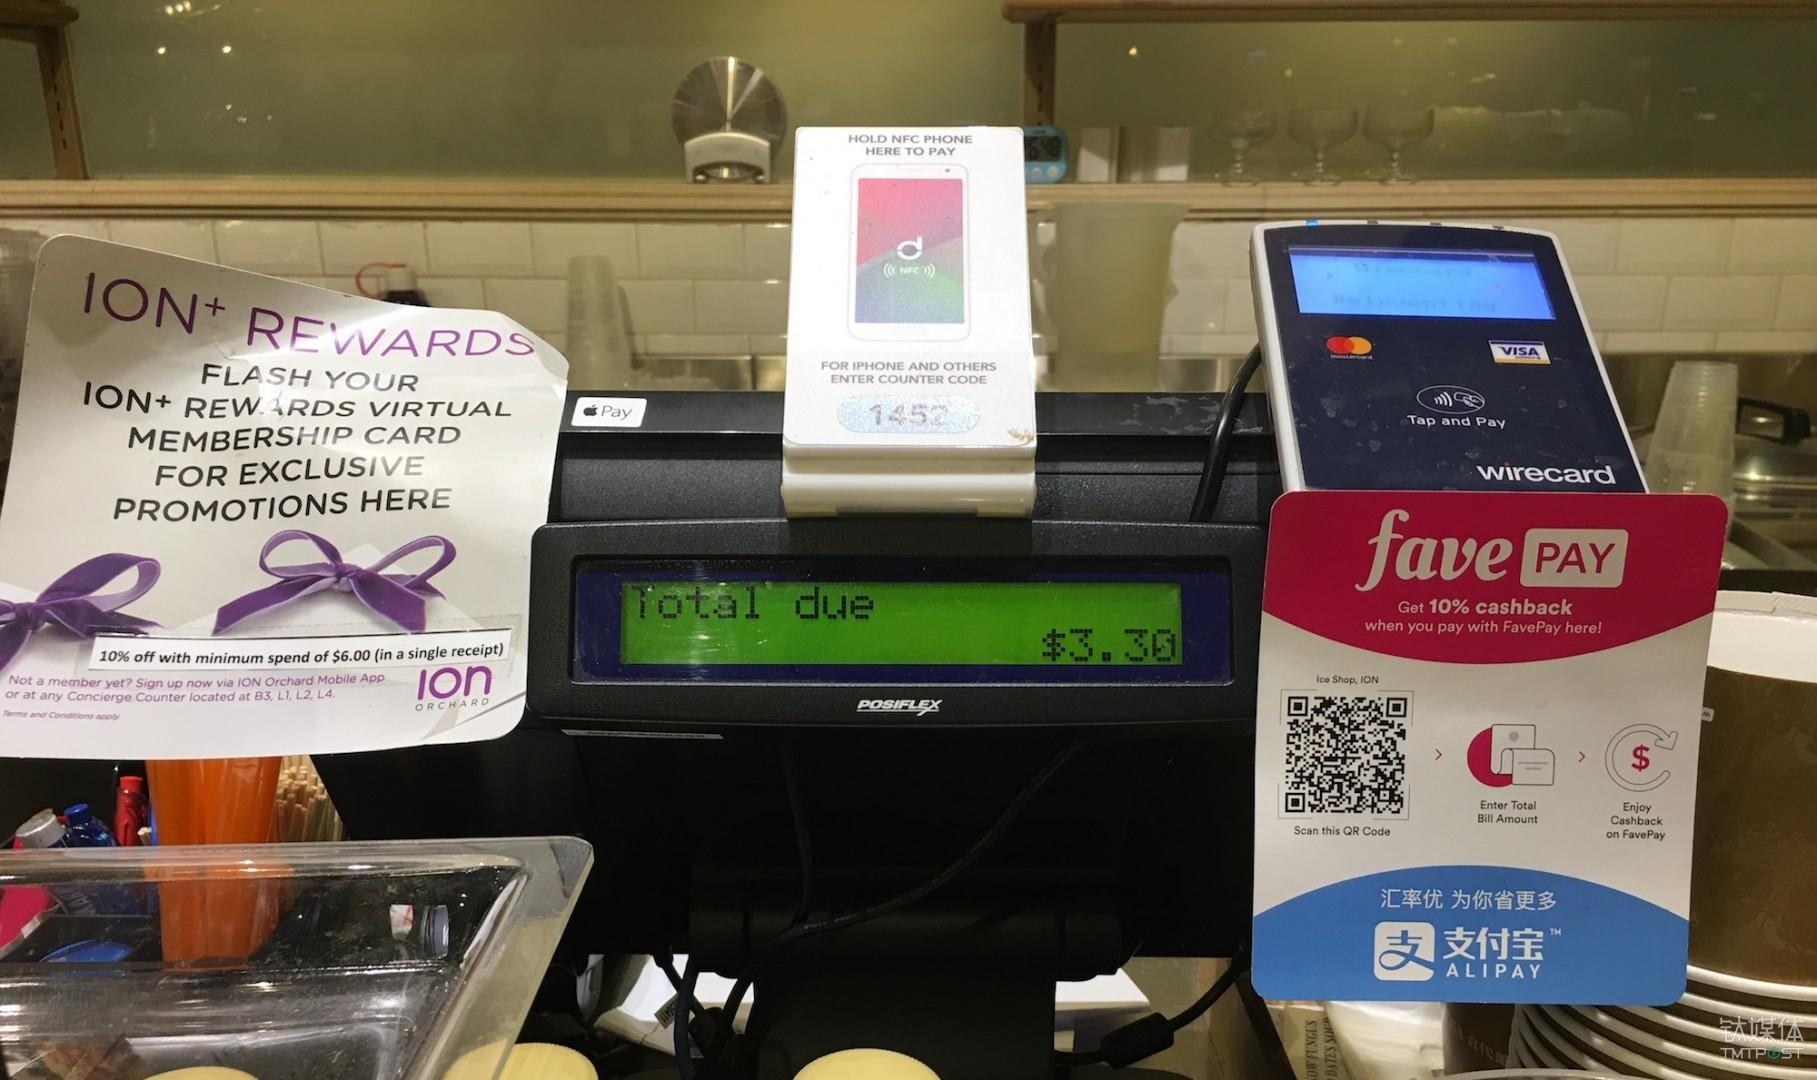 位于新加坡乌节路购物中心的门店内,均贴有支付宝的二维码。